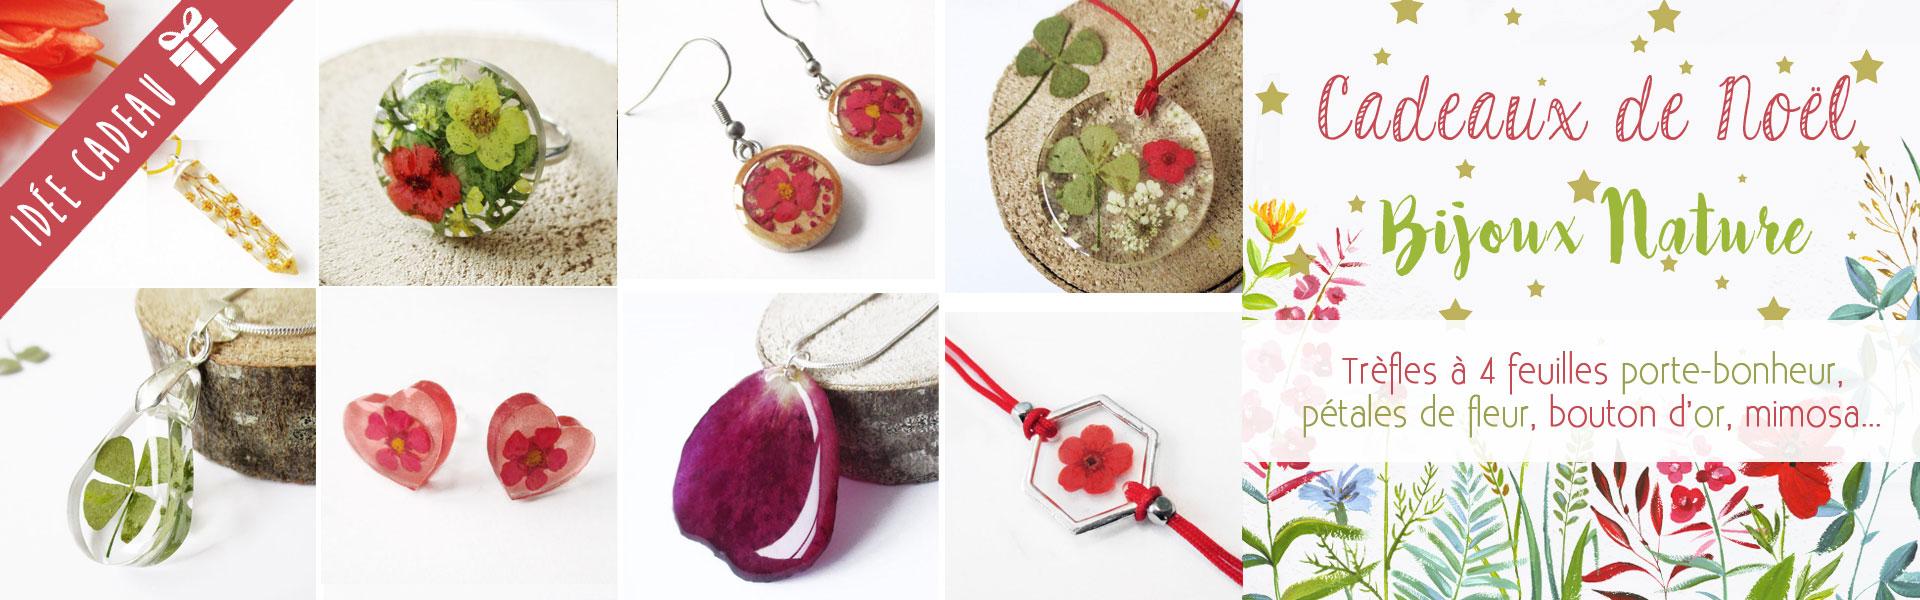 Bijoux nature cadeaux de Noel résine et fleurs naturelles